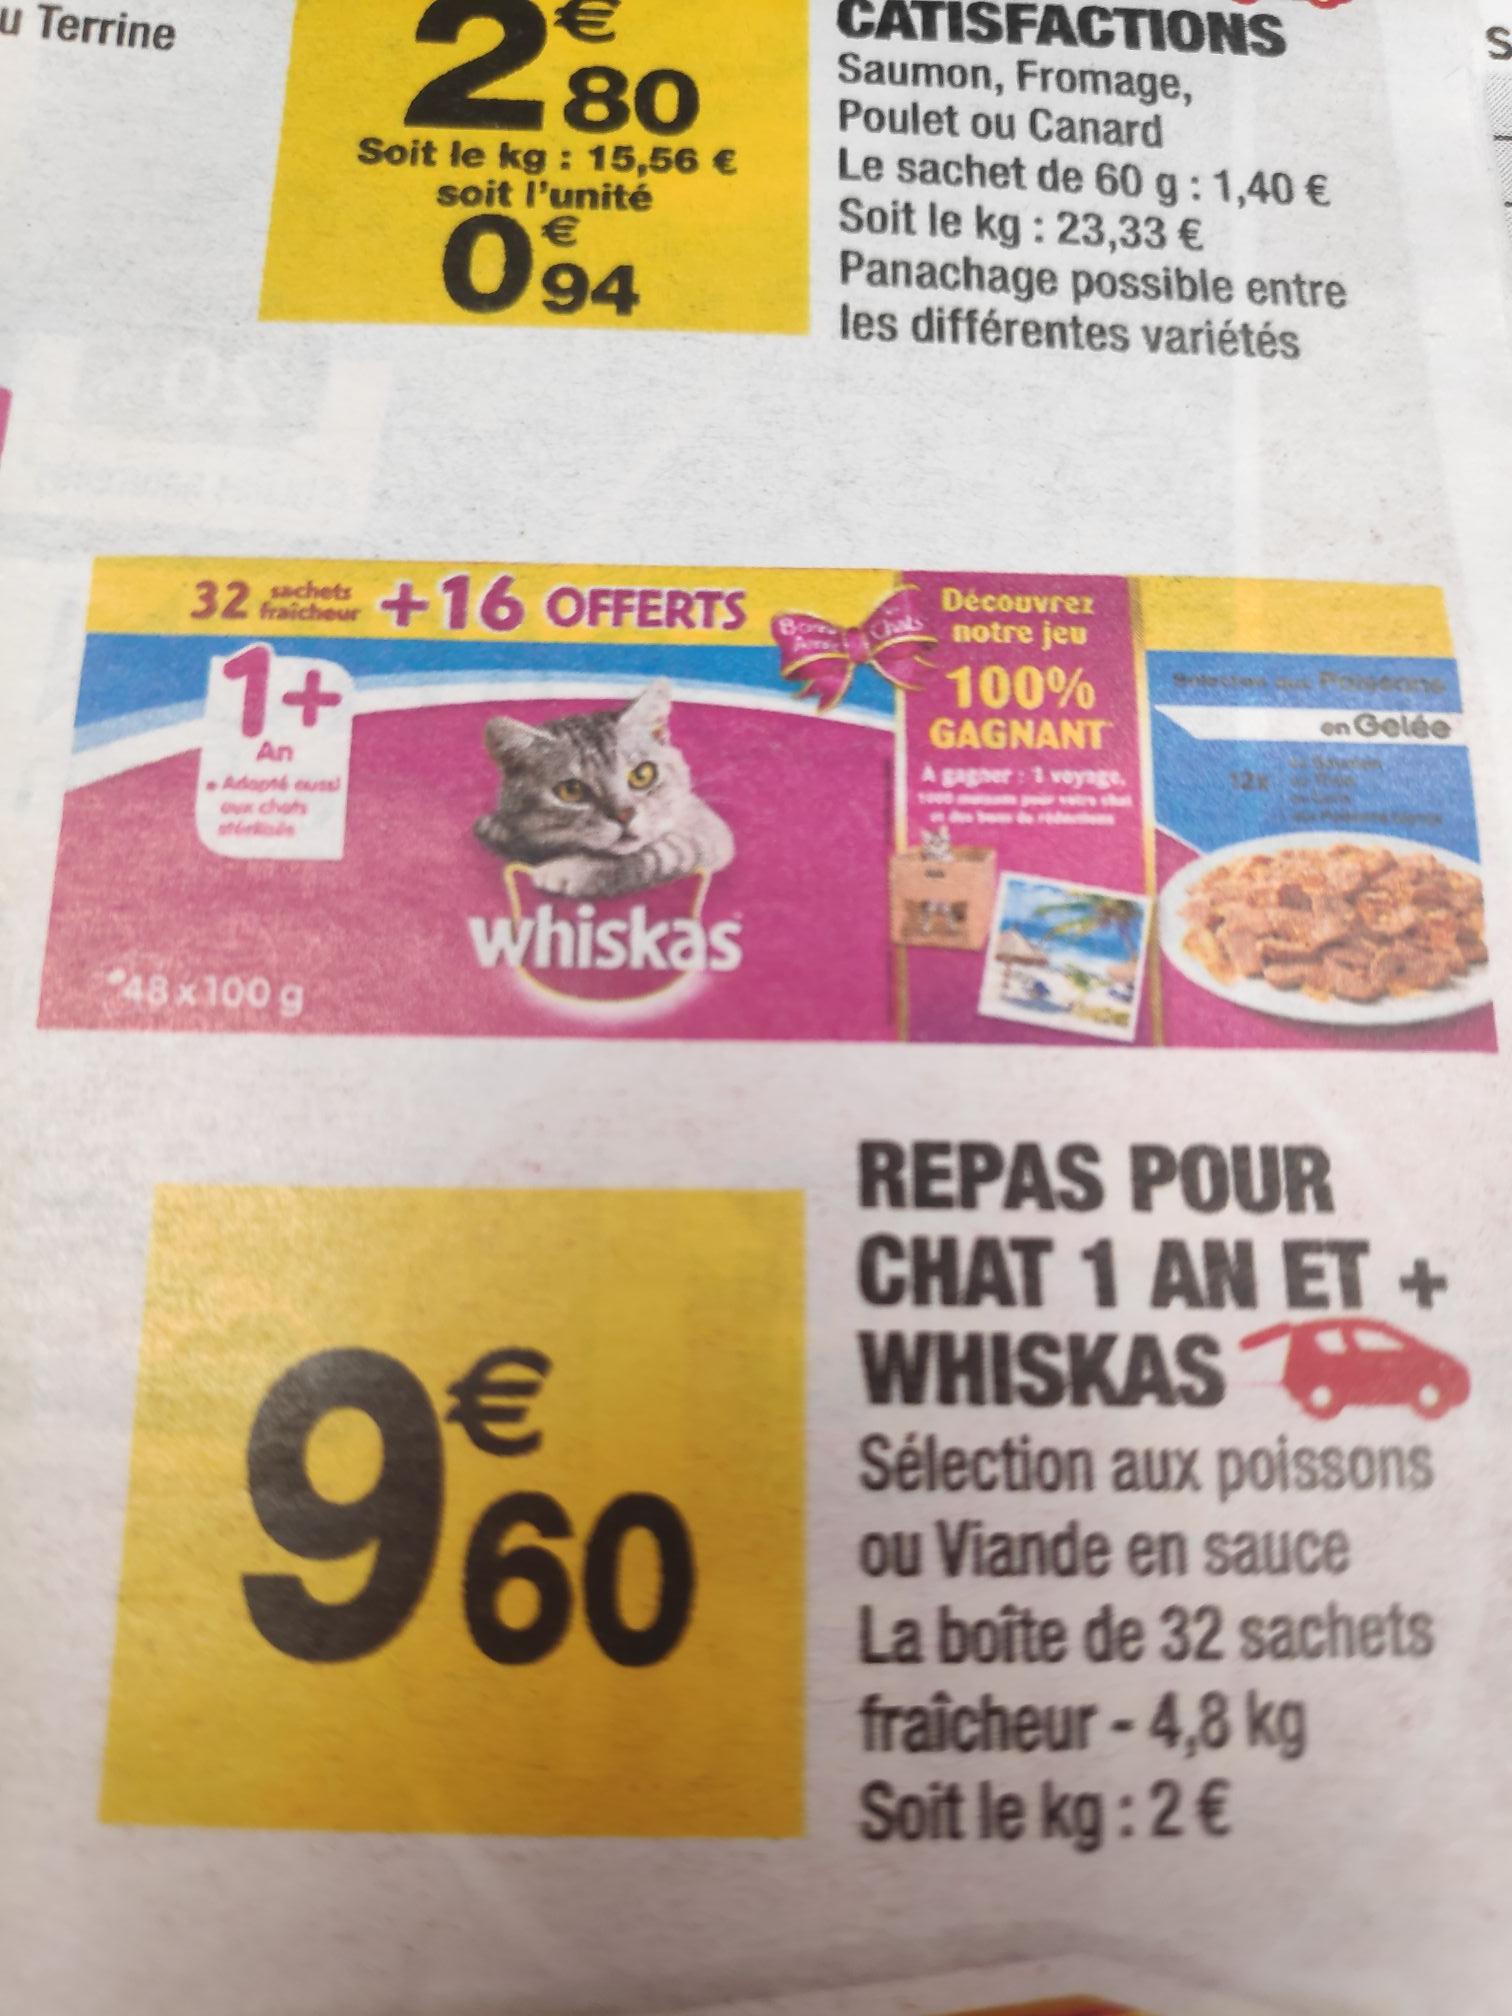 48 Sachets repas pour chat Whiskas